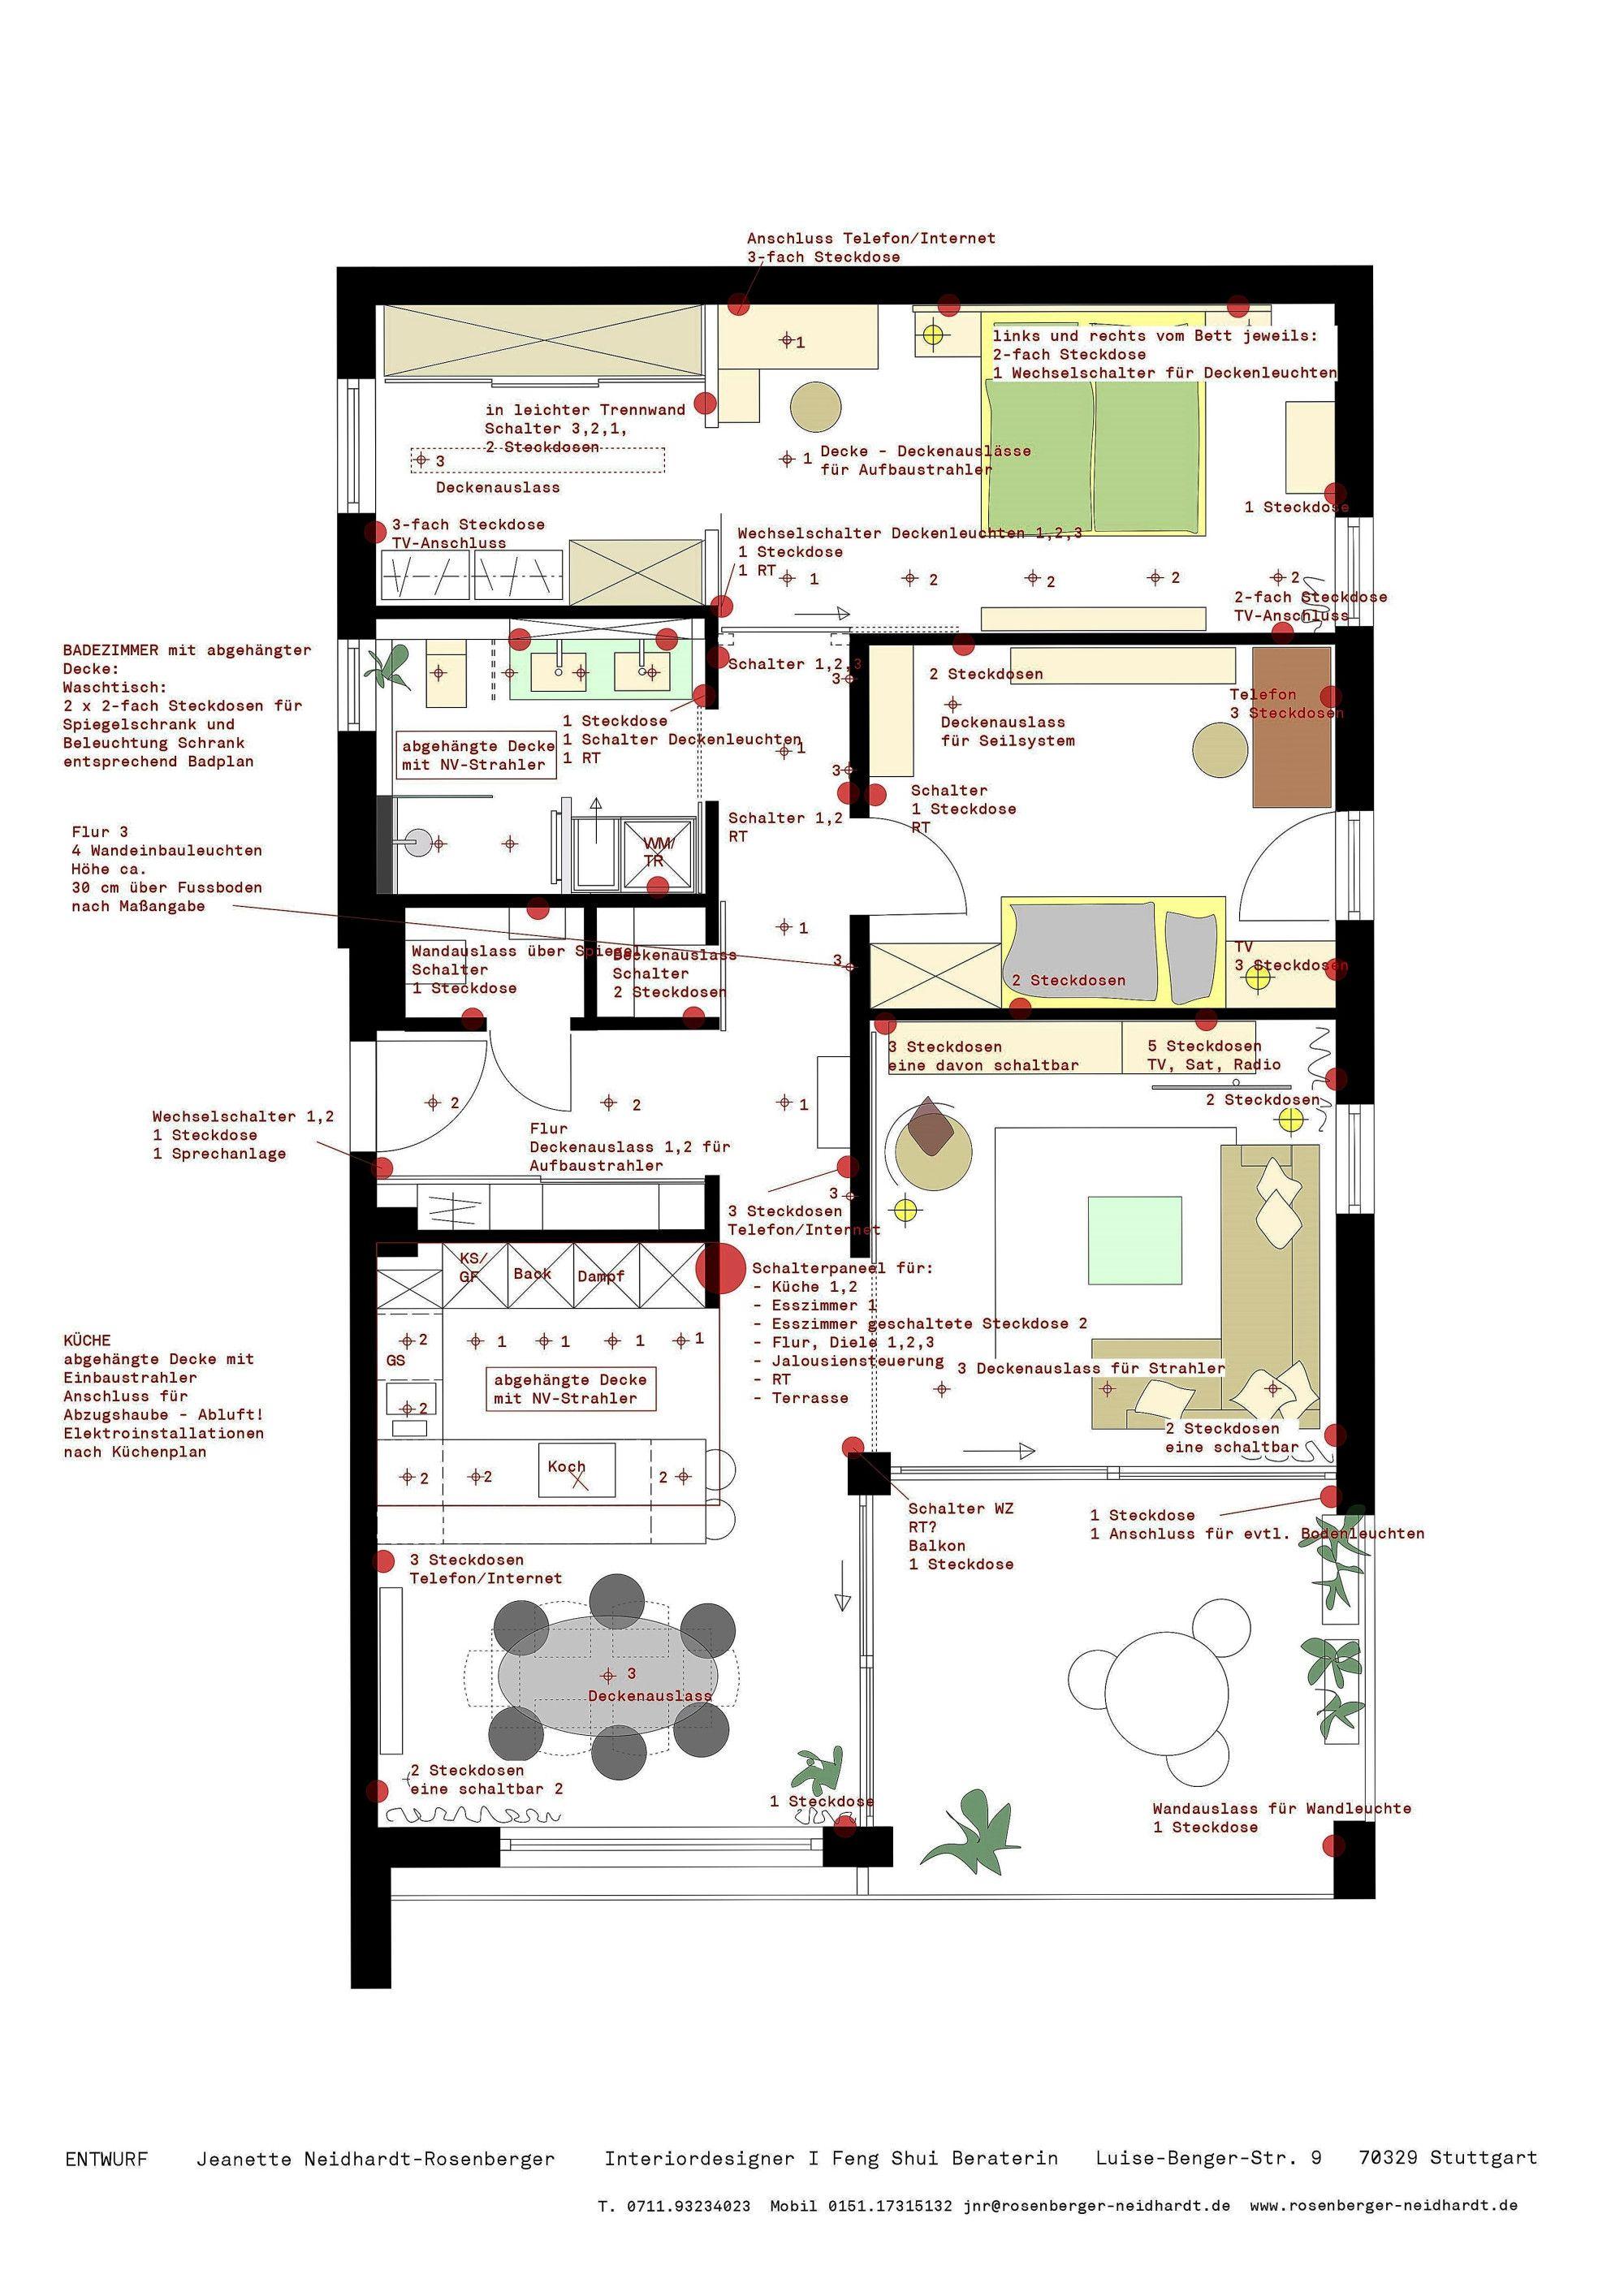 Und Wo Sollen Jetzt Die Steckdosen Und Schalter Hin Steckdosen Elektroinstallation Planen Elektroinstallation Haus